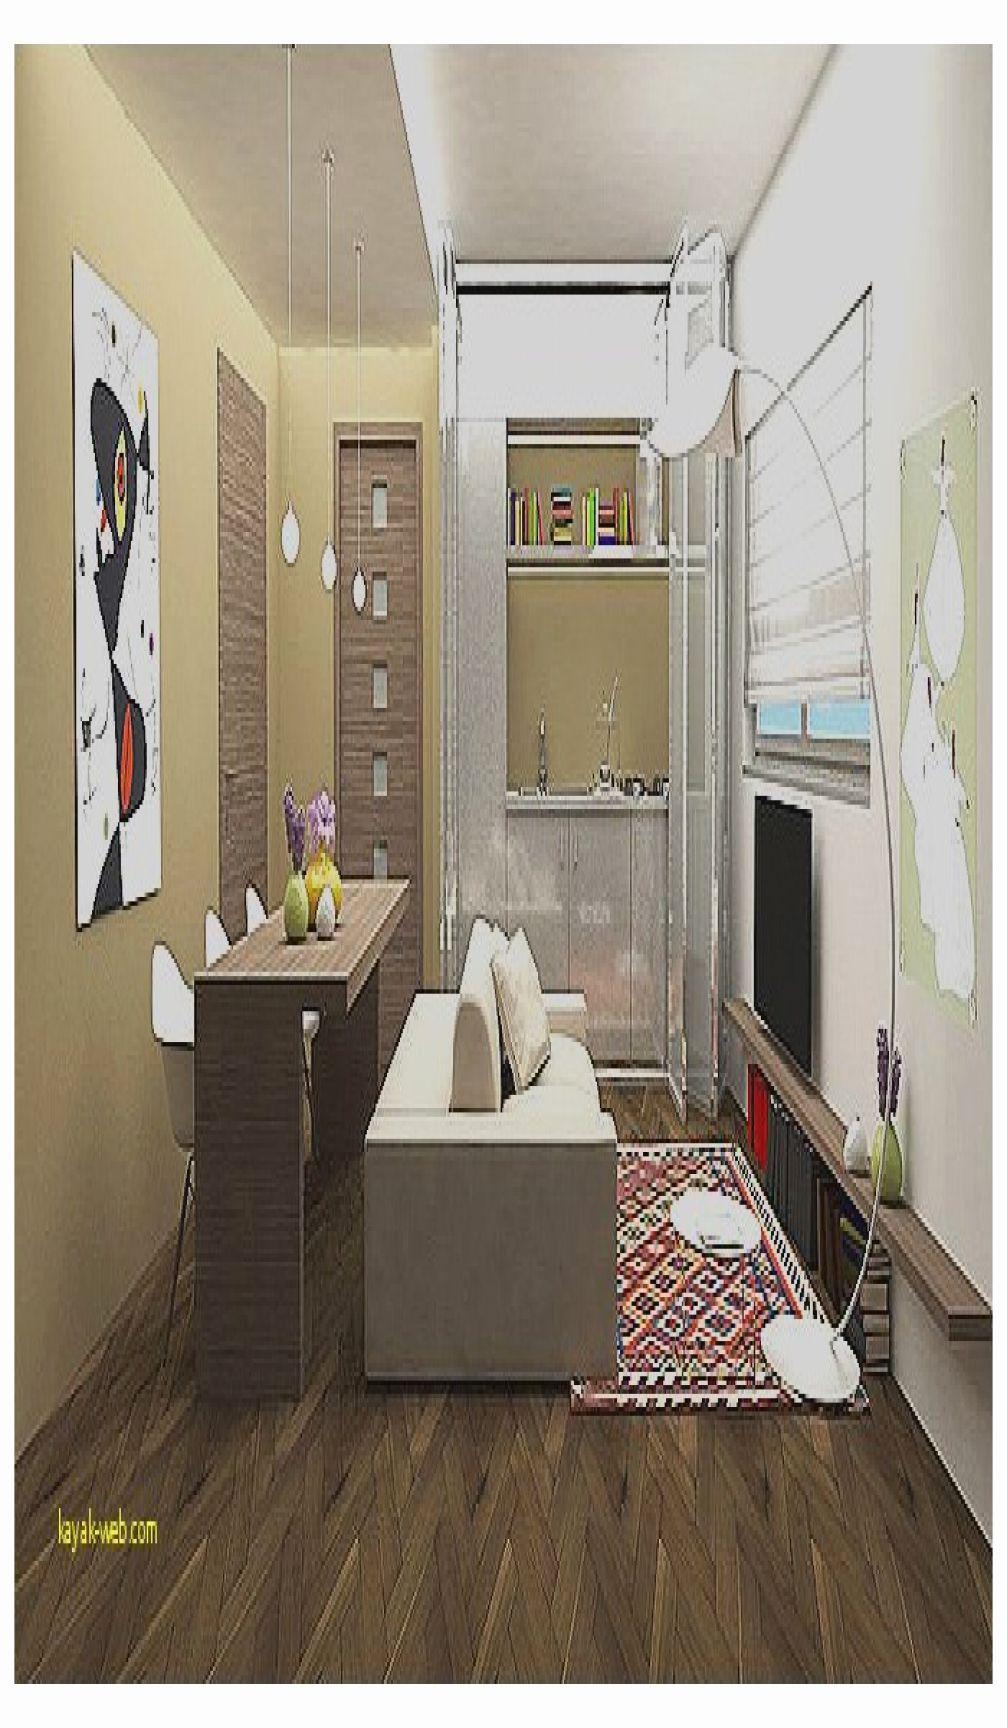 Soggiorno Con Angolo Cottura Ikea pulito campione soggiorno angolo cottura ikea 2 top cucina